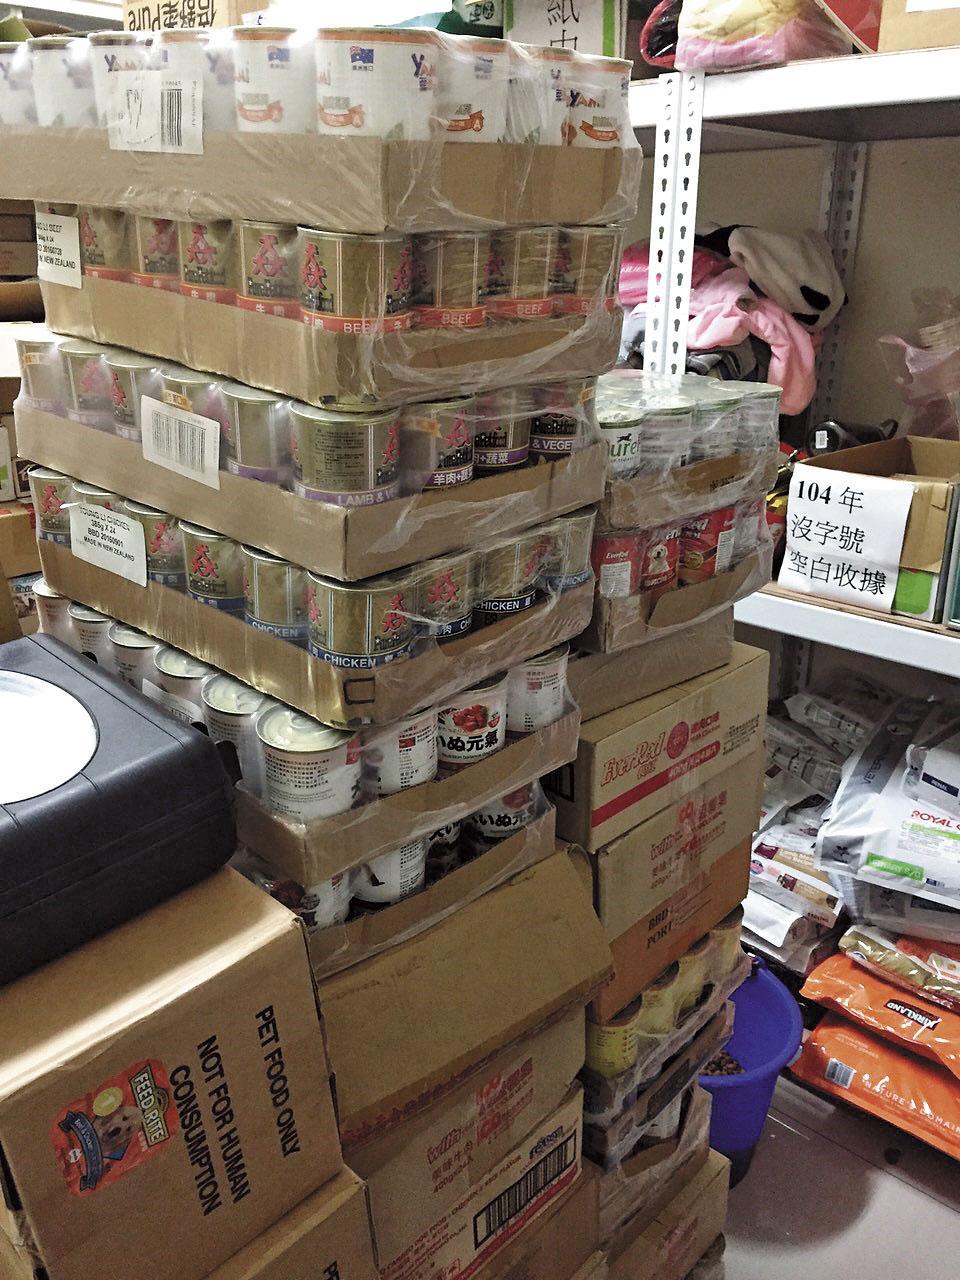 高雄市關懷流浪動物協會2013年支出明細表中所示品牌罐頭,出現1罐5,850元的高價,但市價不到40元。